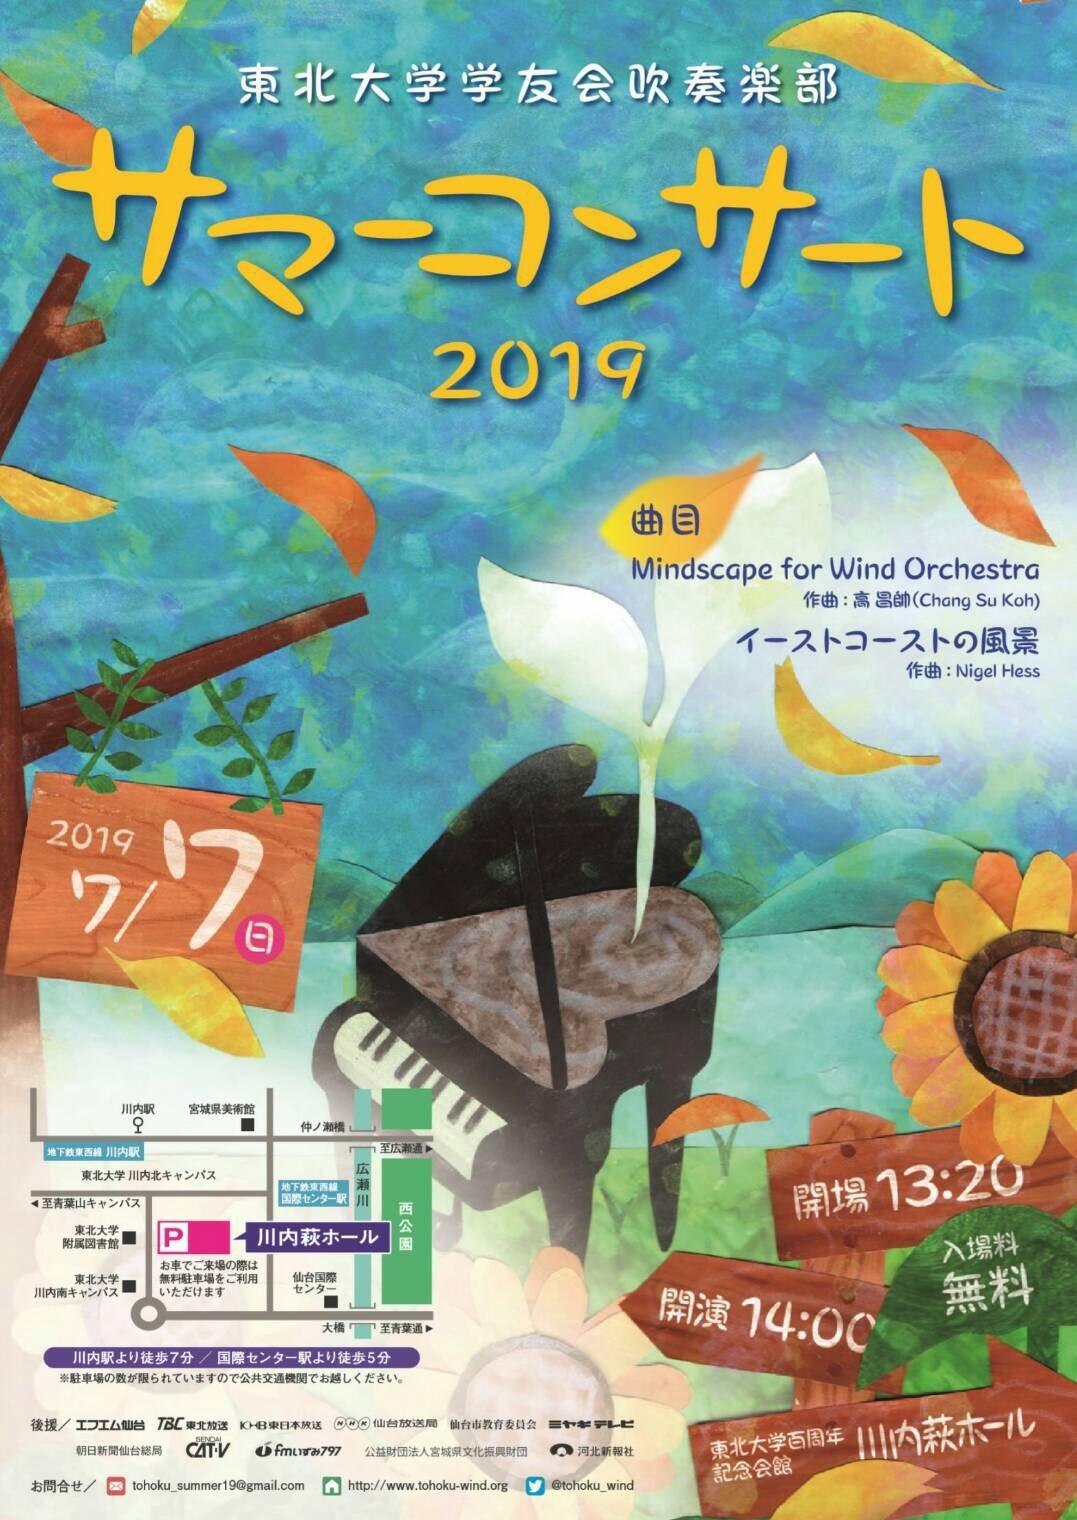 【宣伝】東北大学学友会吹奏楽部「Summer Concert 2019」のお知らせr_b0206845_14330573.jpg